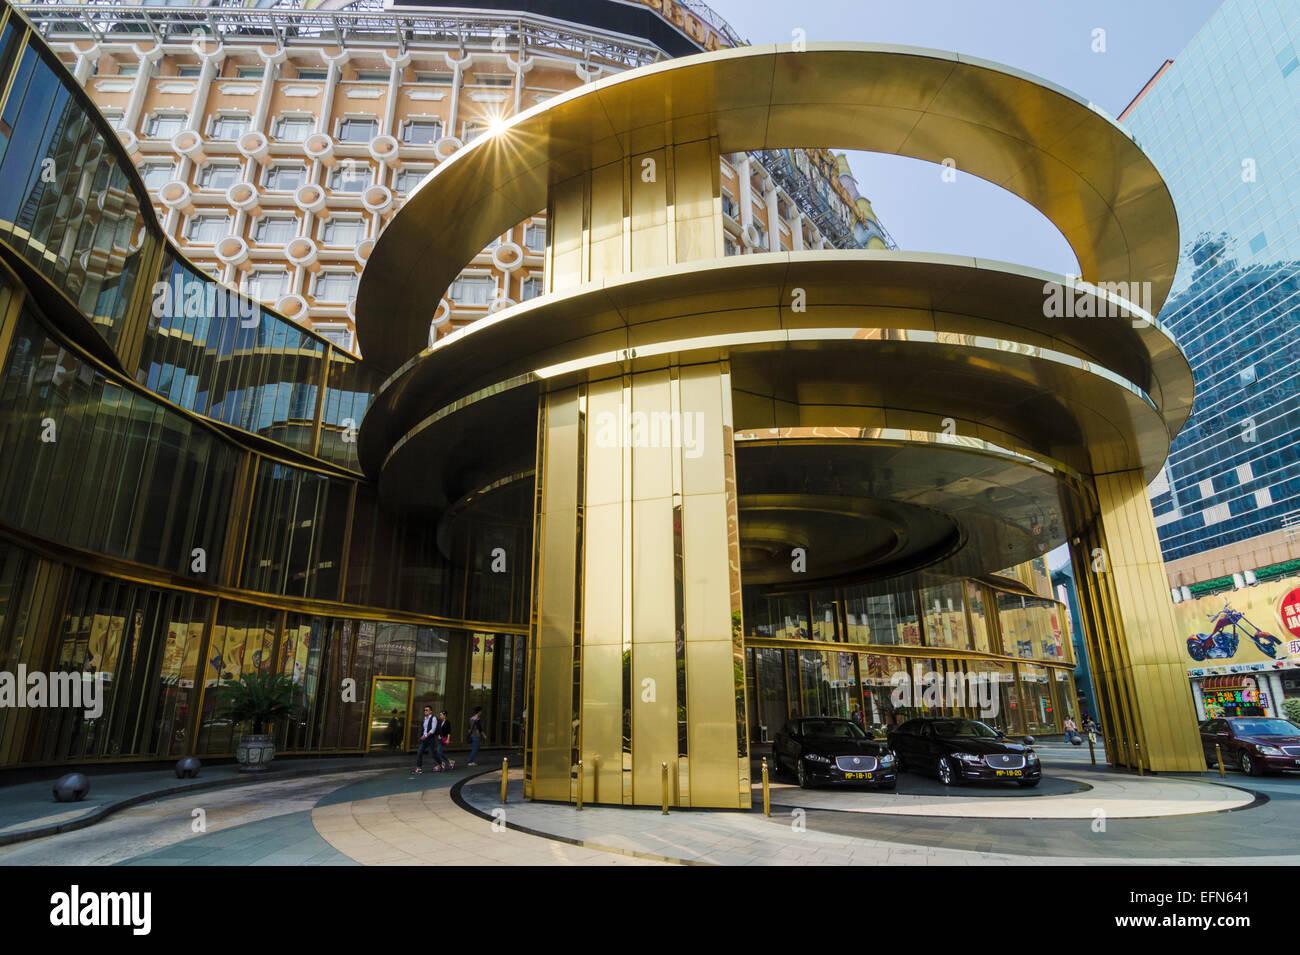 Hotel de lujo autos estacionados fuera de la entrada del oro Hotel Lisboa, Macao, China Imagen De Stock